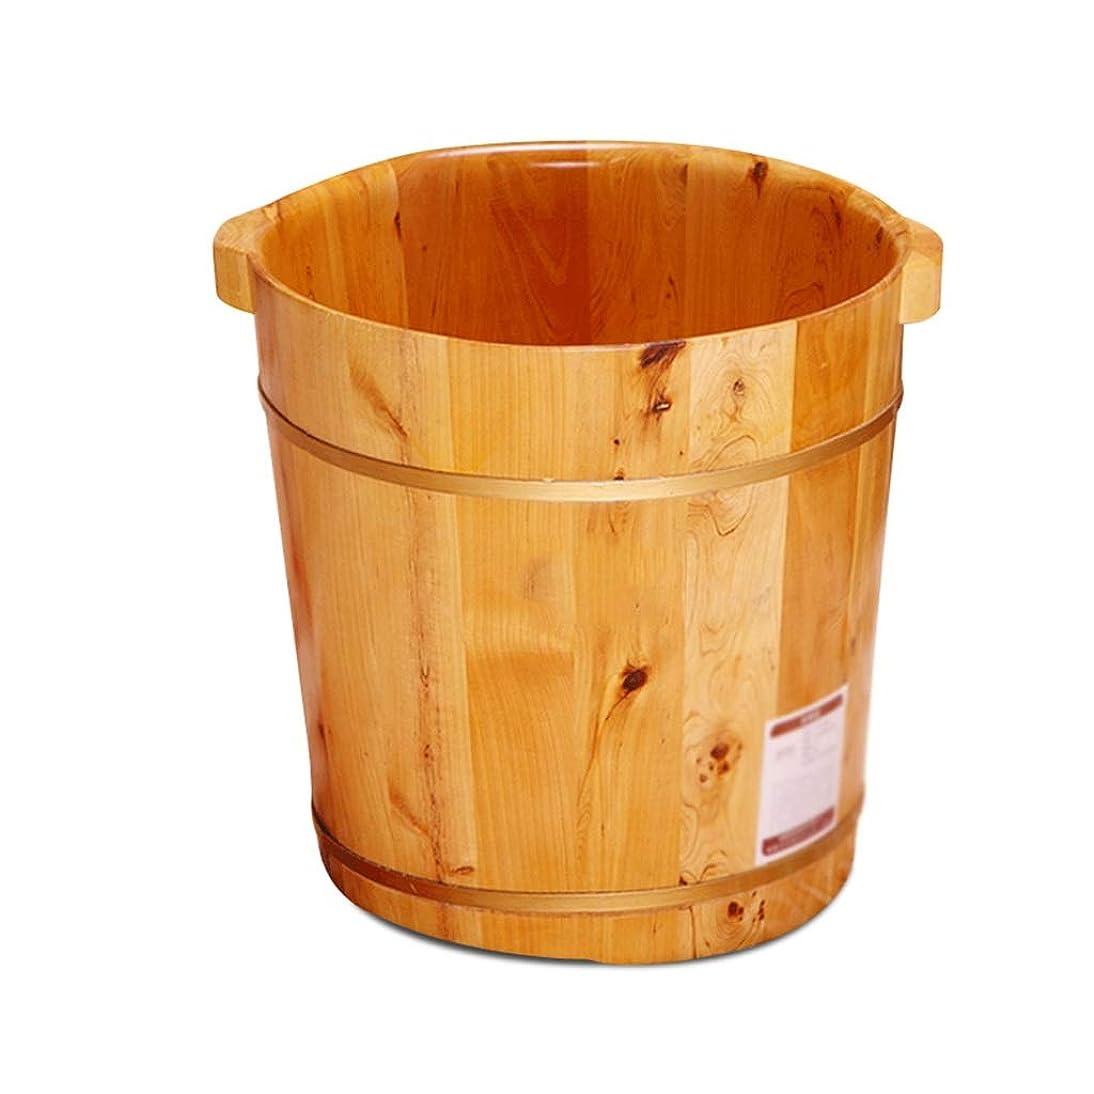 人物書くクロール家庭用フットバスバレル木製洗面ソリッドウッドディープバレル以上のカーフ健康アーティファクト (Color : B)